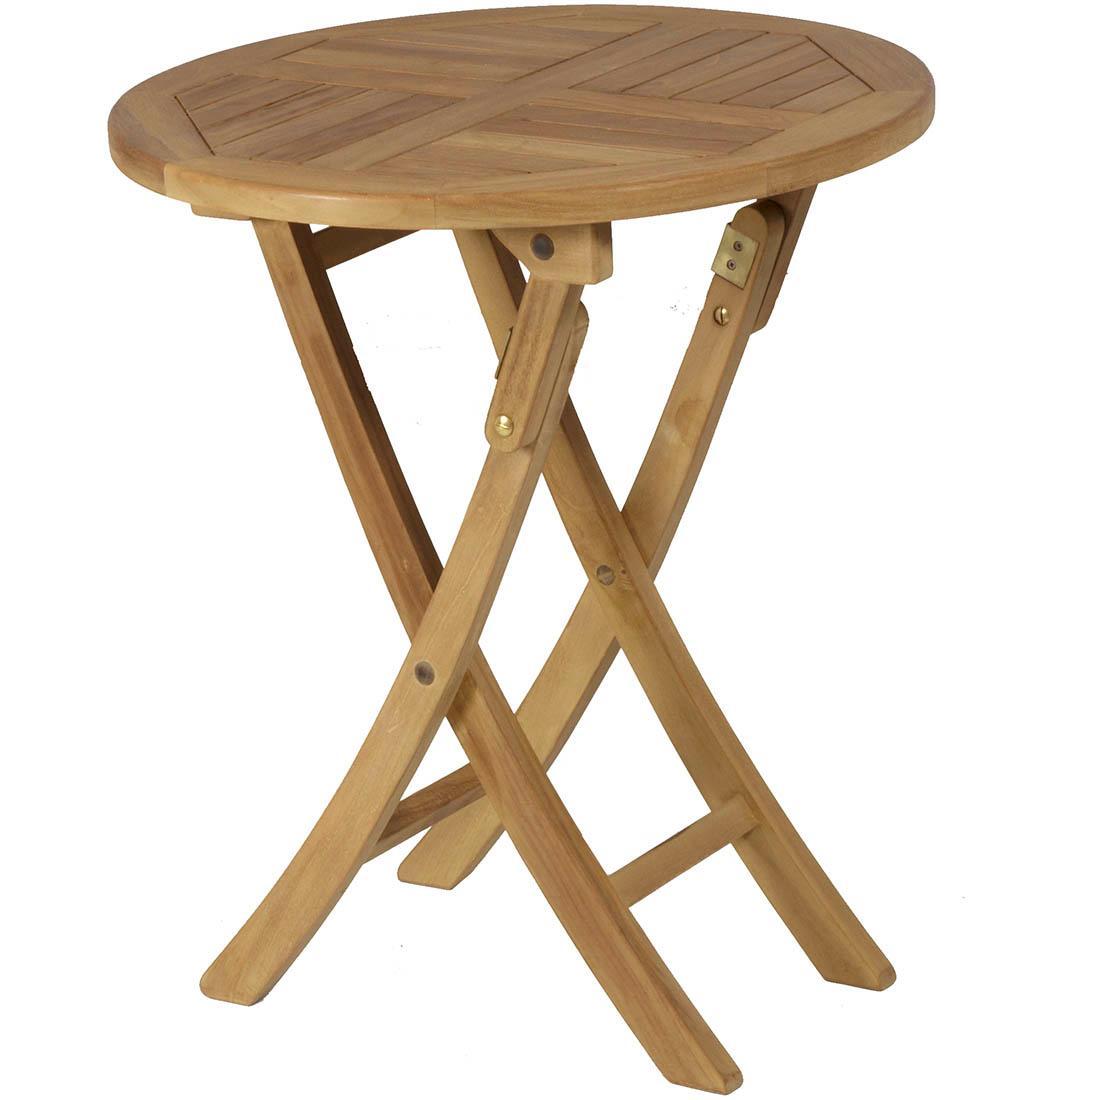 Mesa redonda plegable teca jard n y exteriores - Muebles de teca para jardin ...